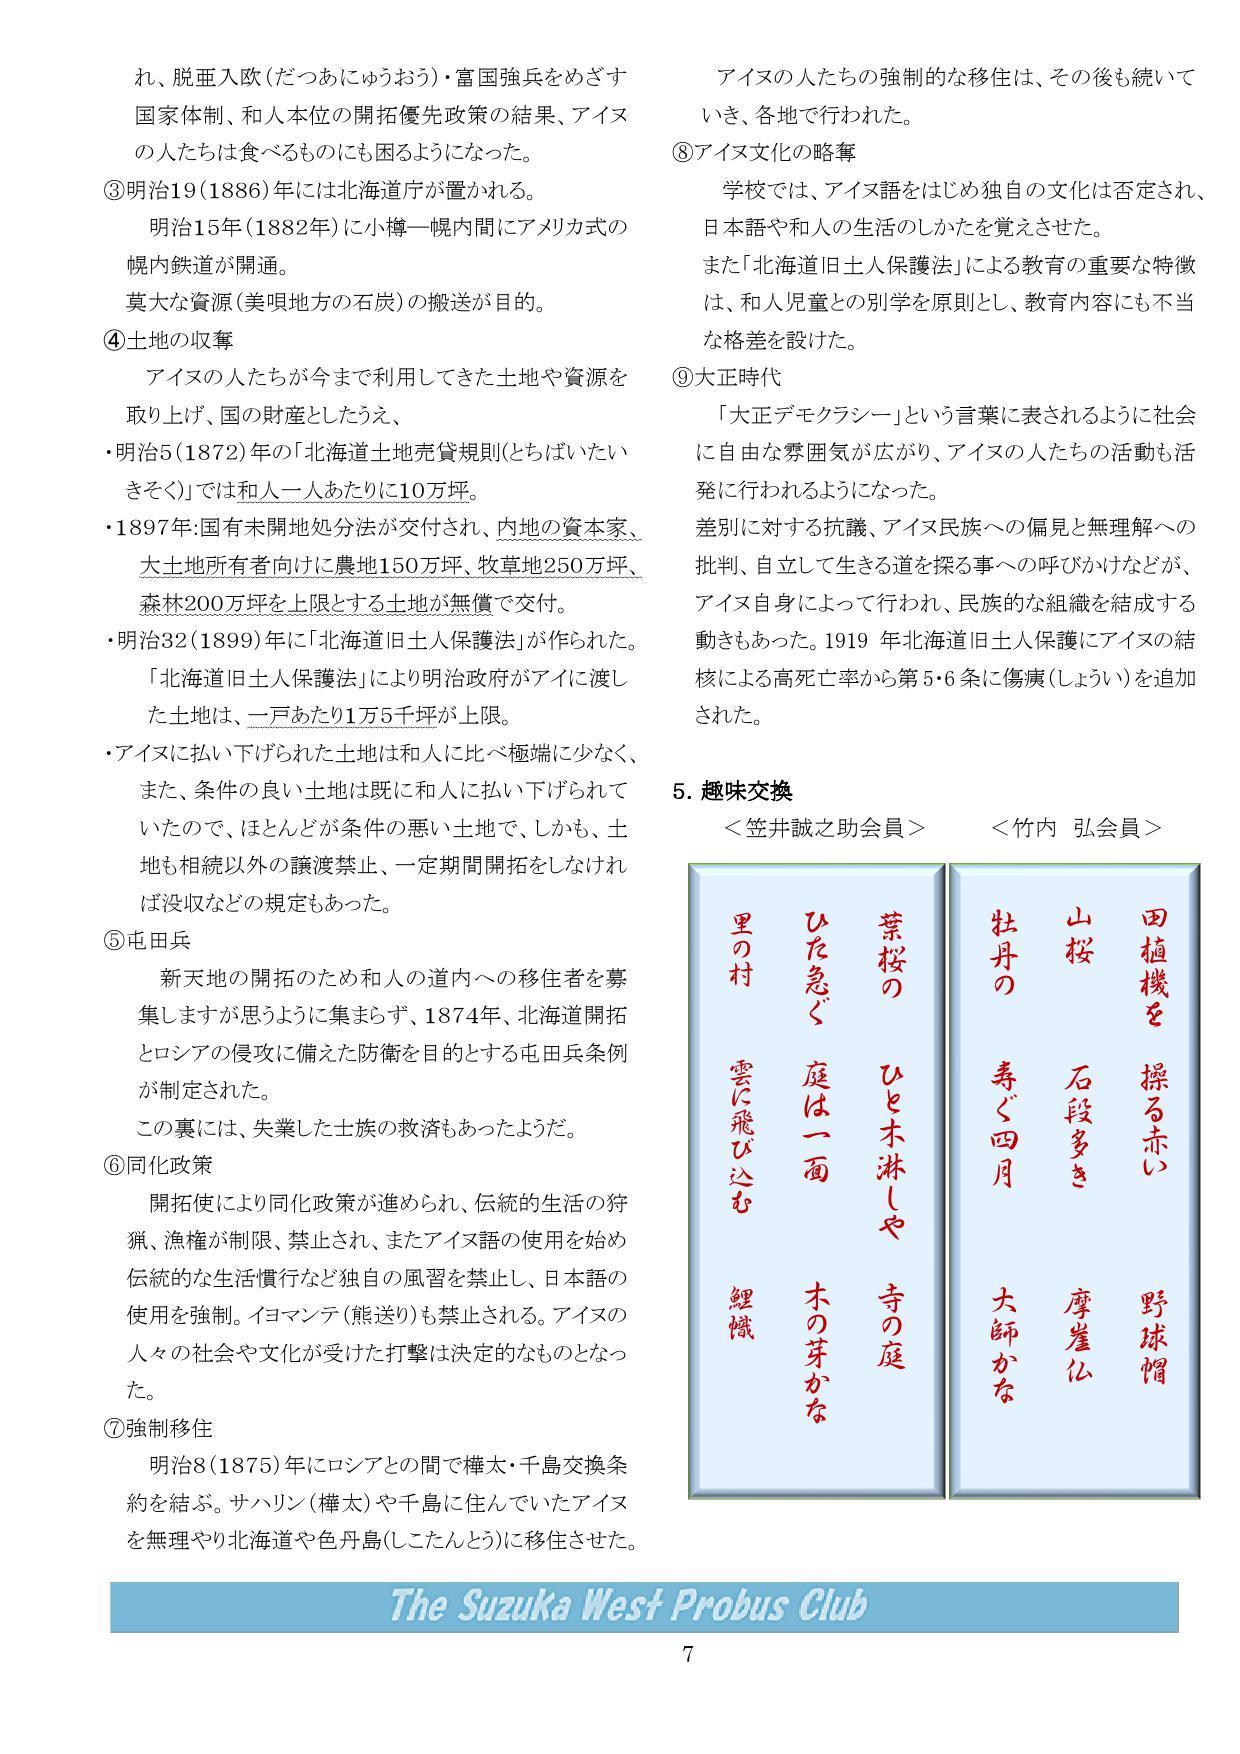 鈴鹿西プロバスクラブ会報 第248号 2021年5月1日_b0000714_10555276.jpg